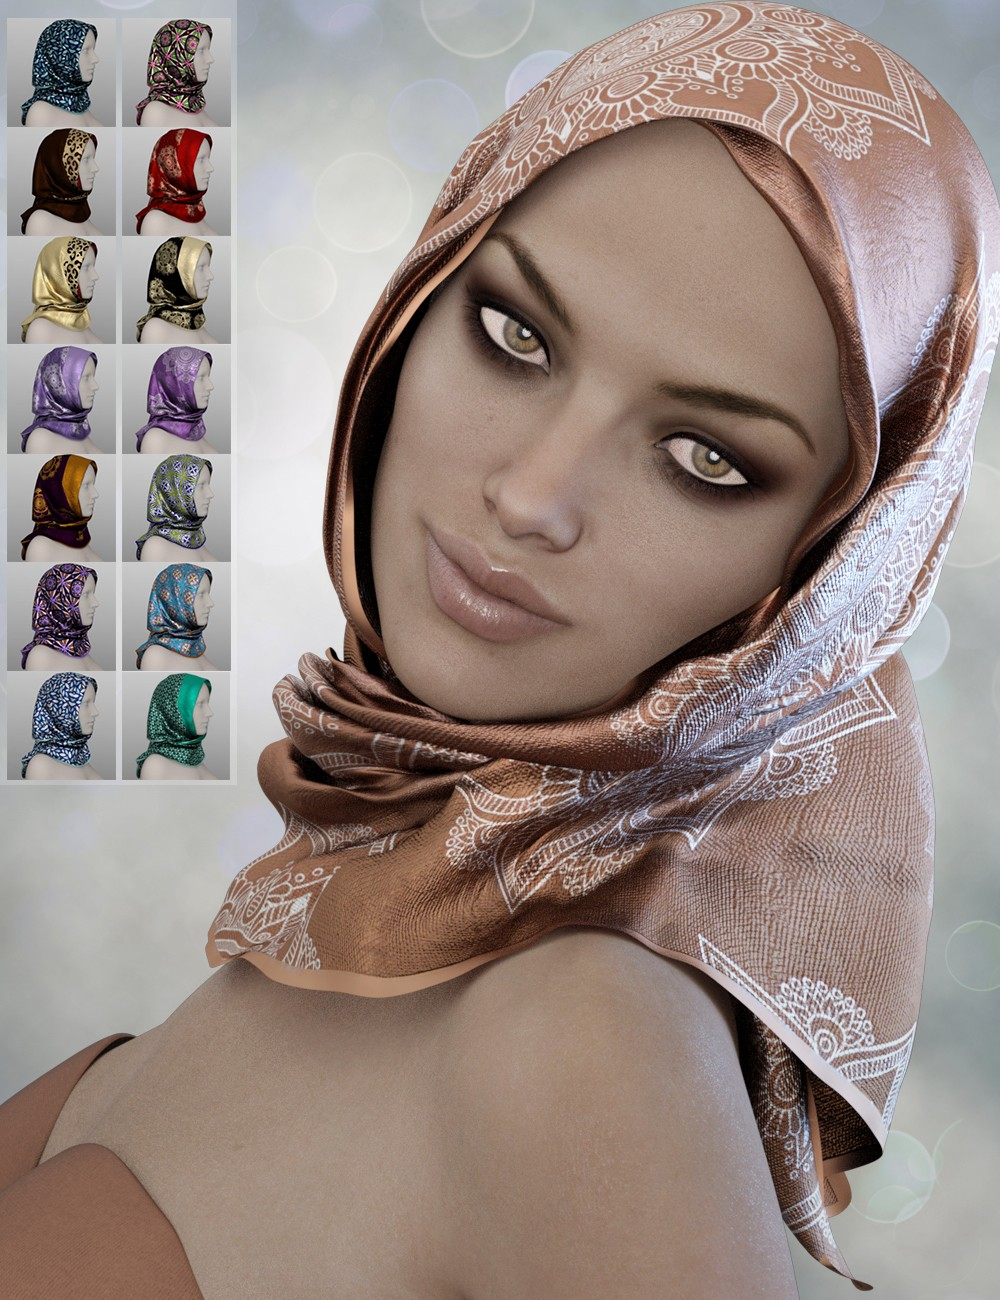 download daz studio 3 for free daz 3d xfashion hijab